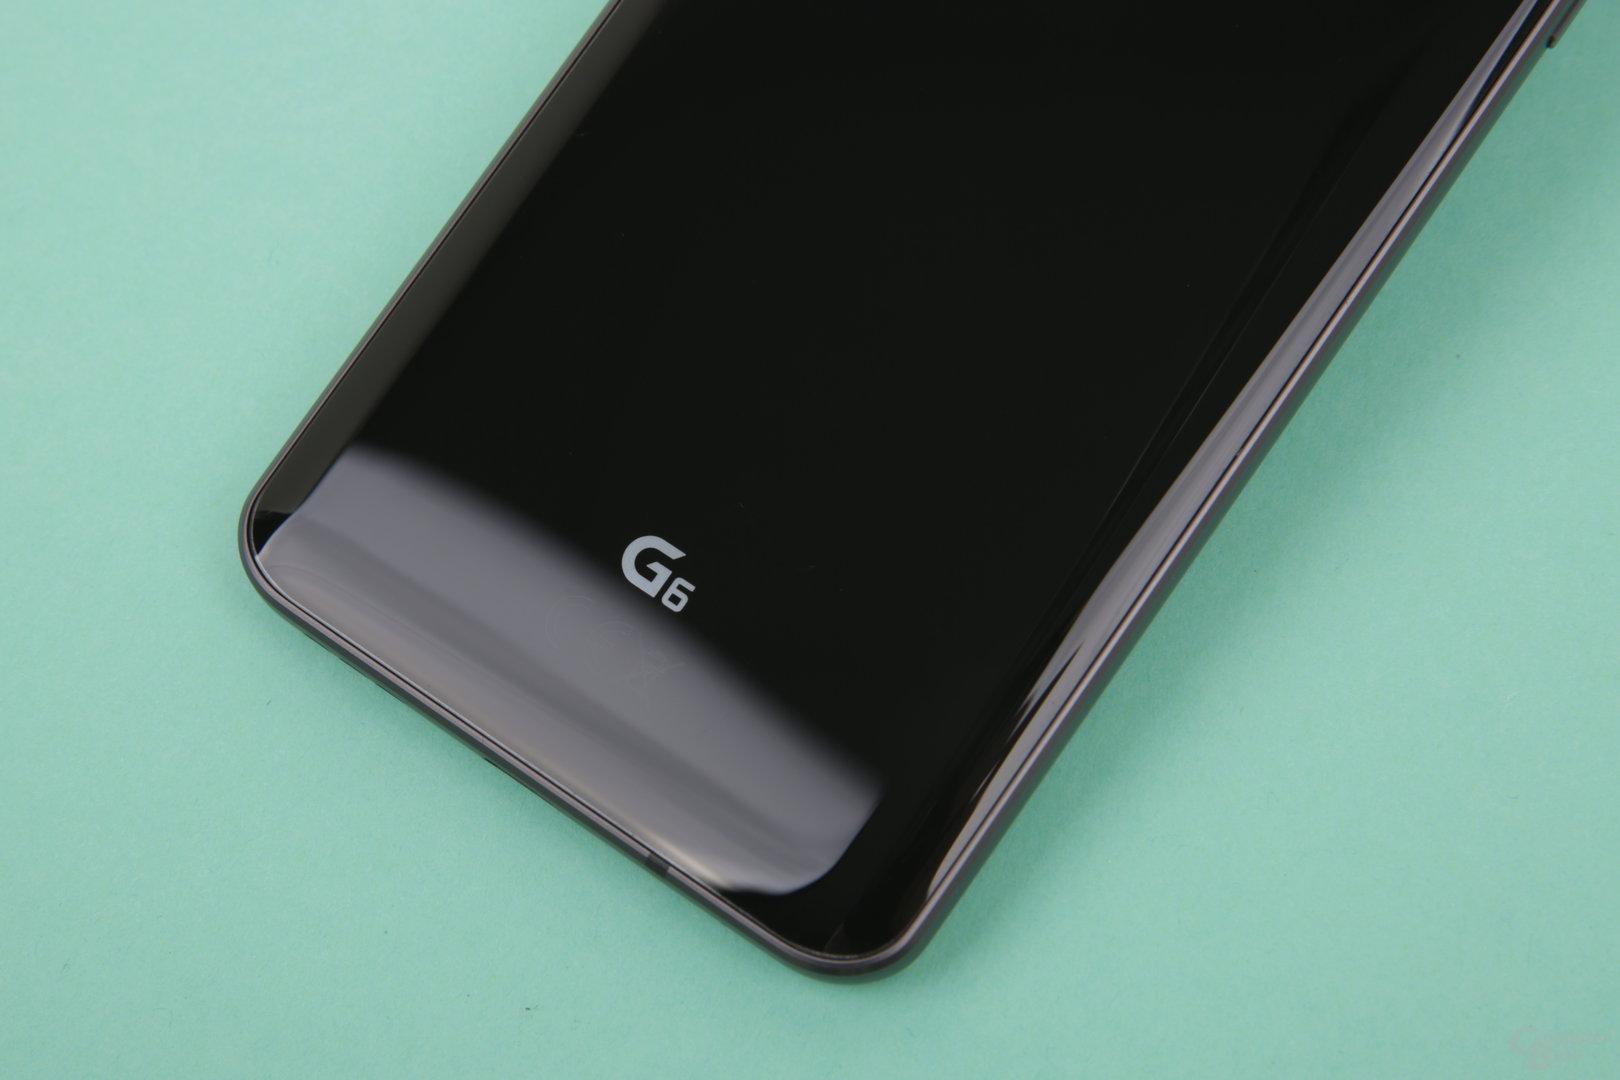 Dezentes Marketing mit kleinem G6-Logo